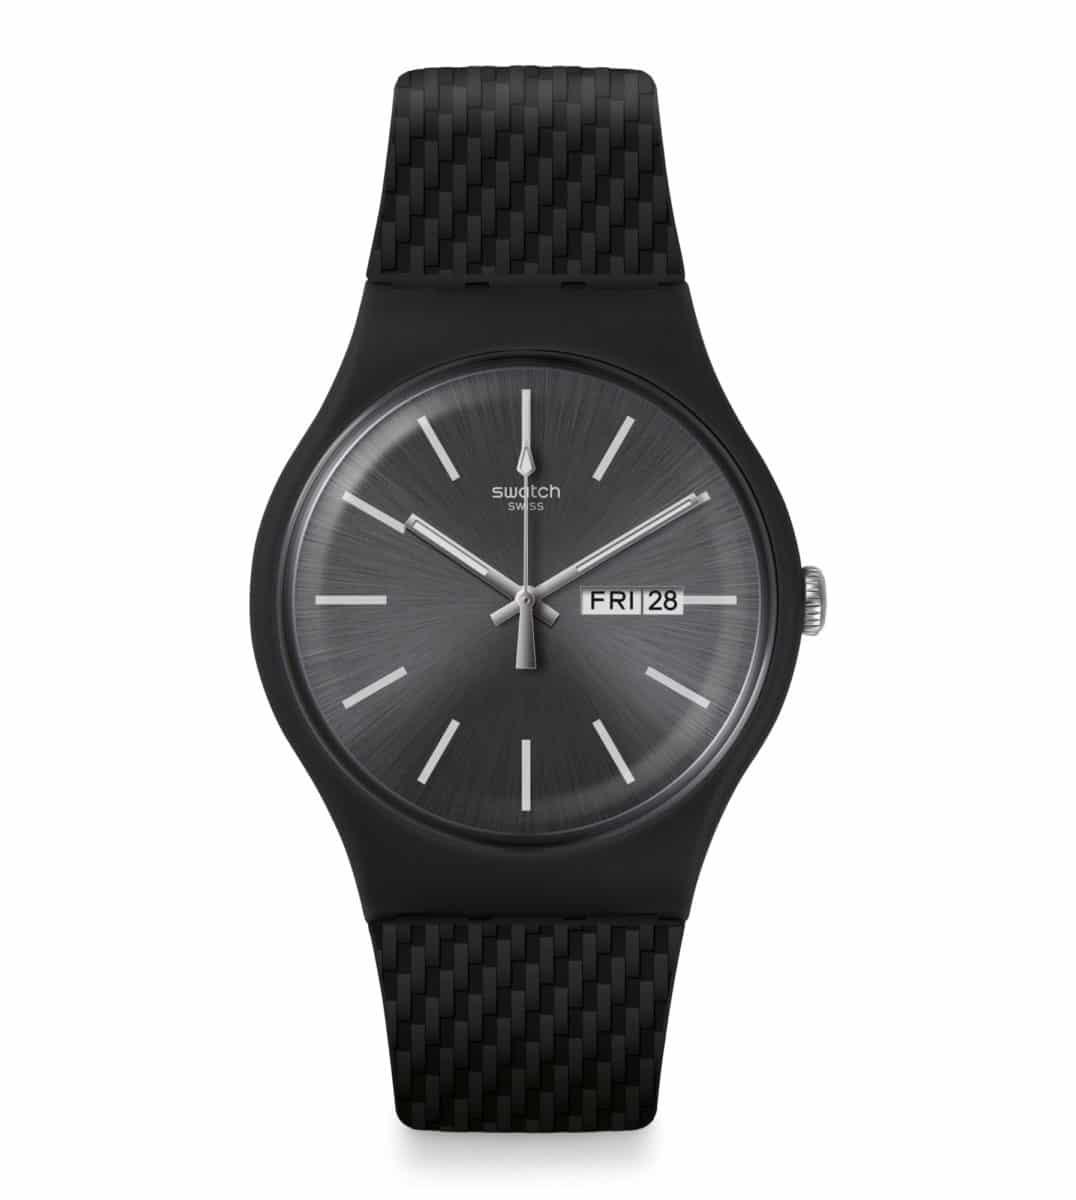 goldman sachs elevator watches - swatch